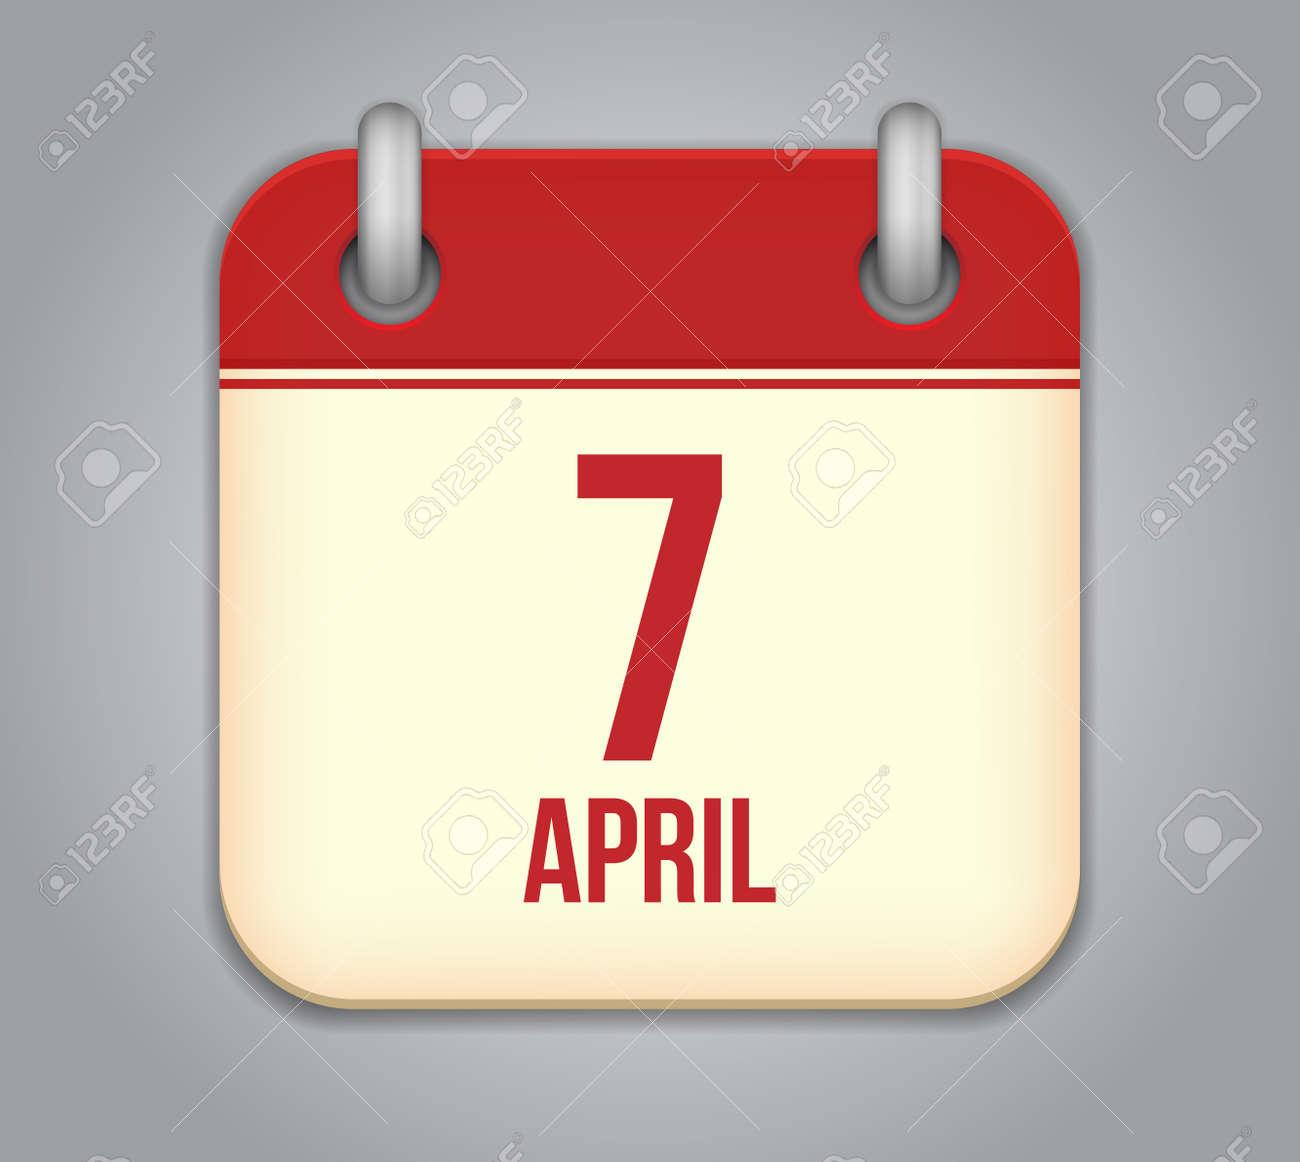 calendar app icon Stock Vector - 19050351